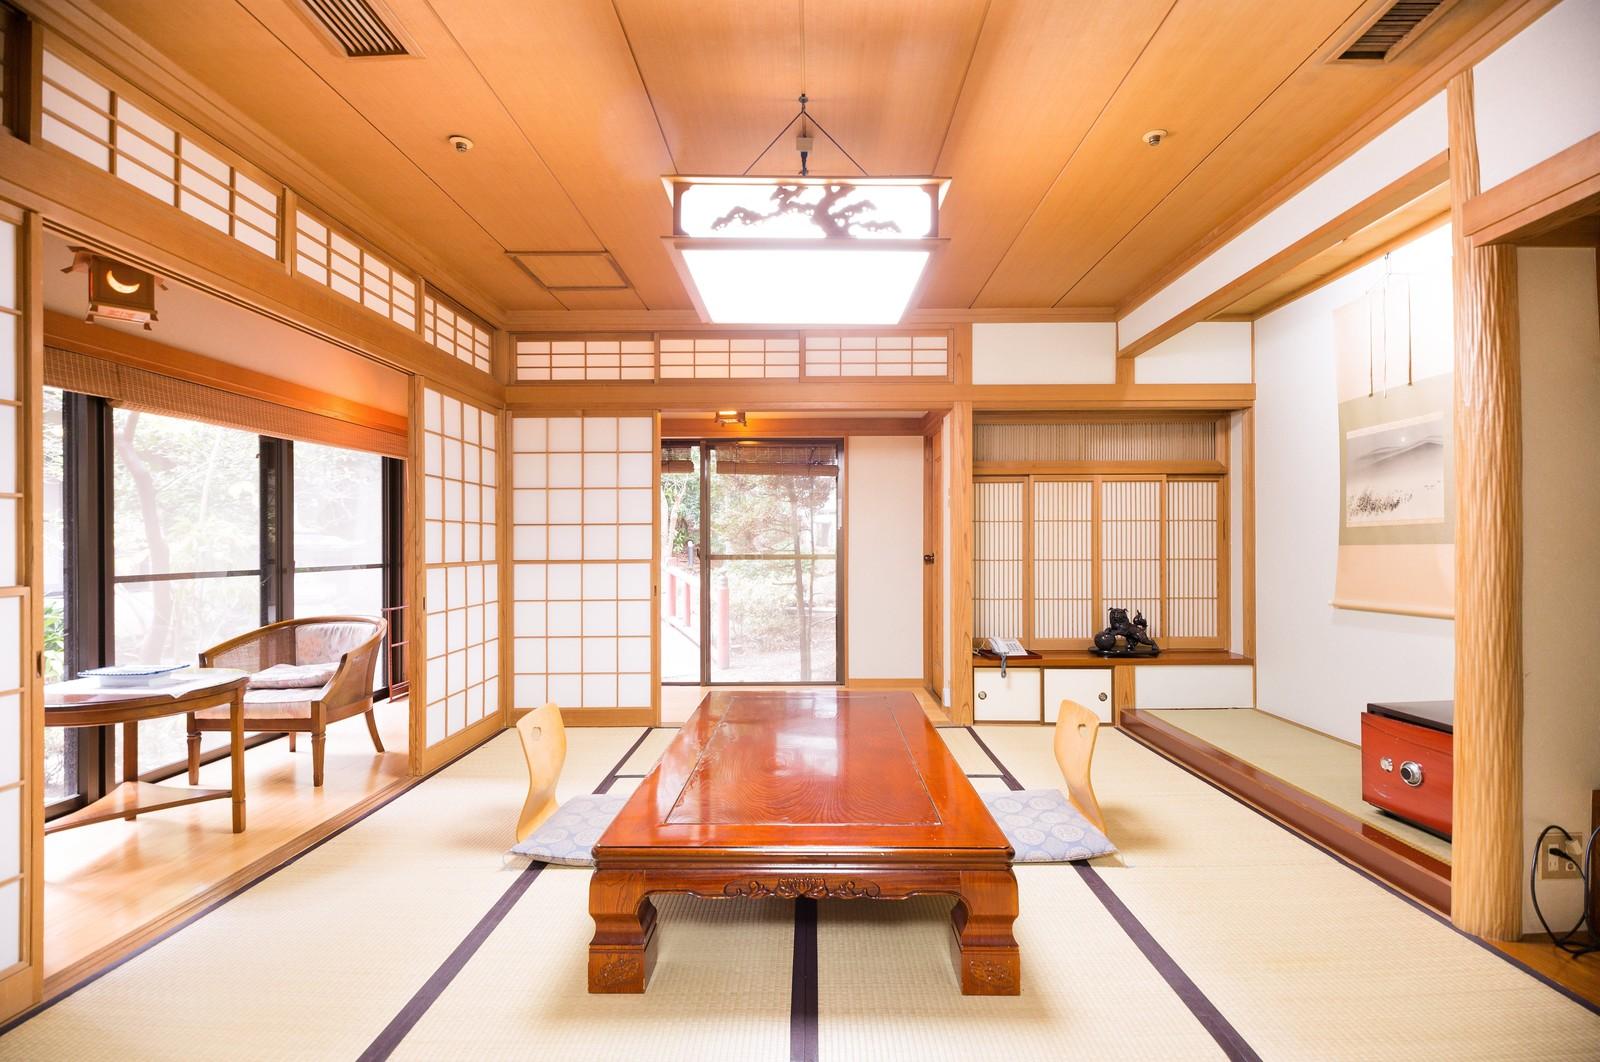 箱根の高級旅館おすすめランキング!露天風呂付き・日帰りでも楽しめる!